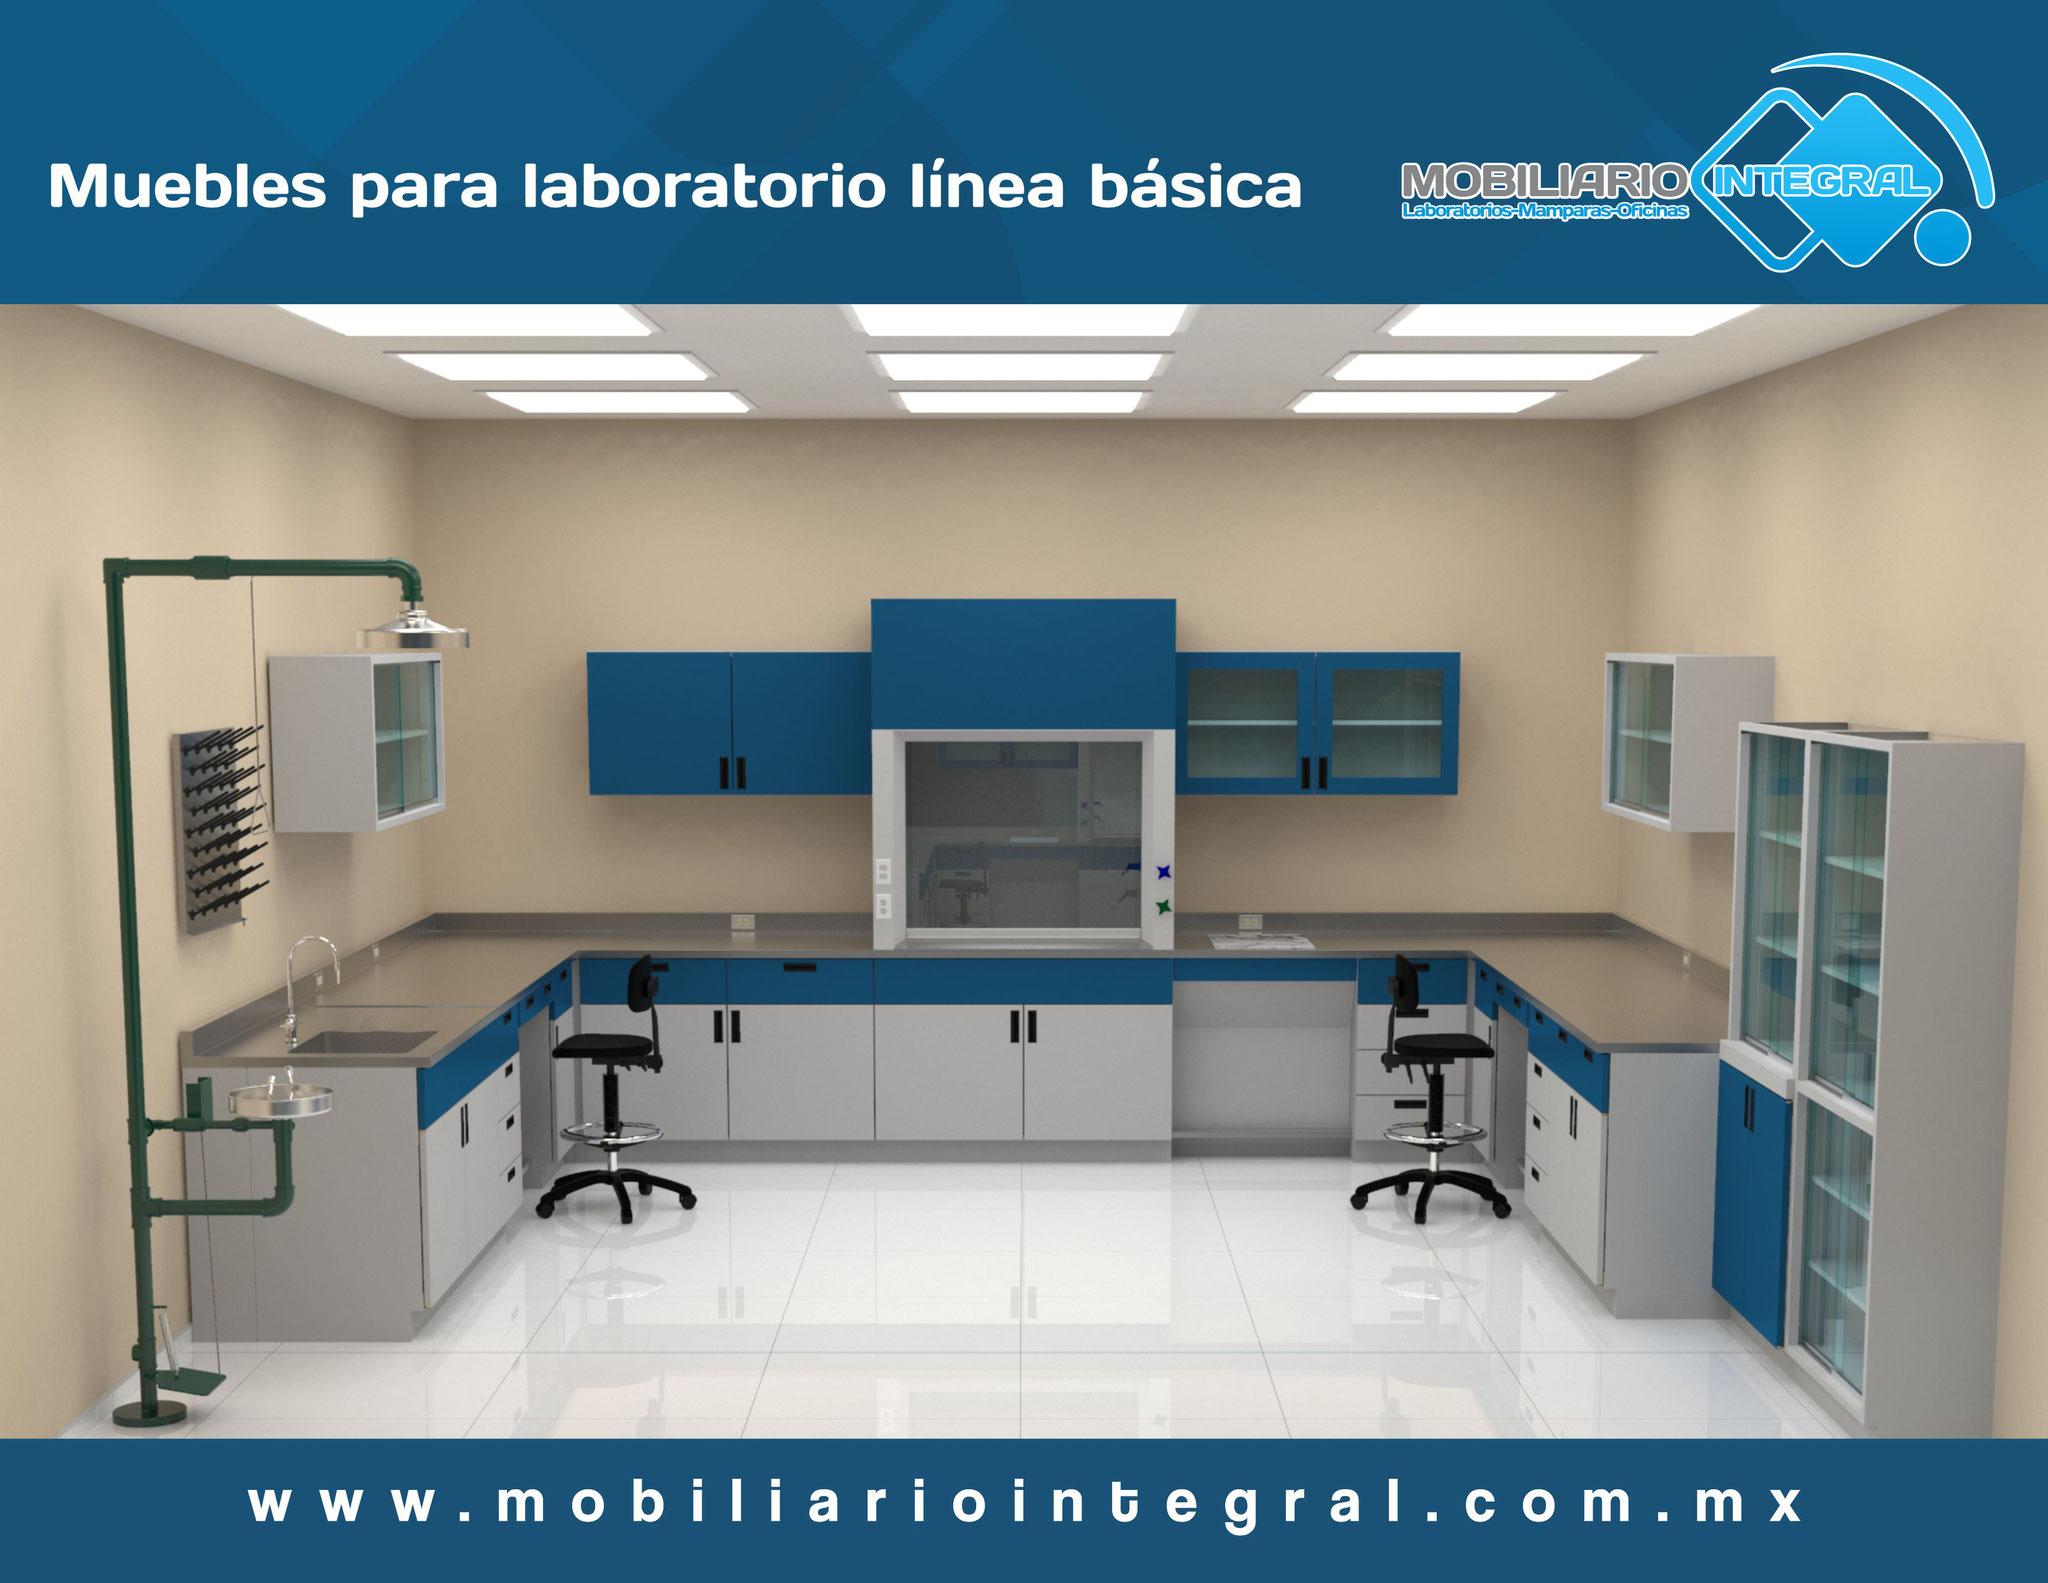 Muebles para laboratorio en Juárez